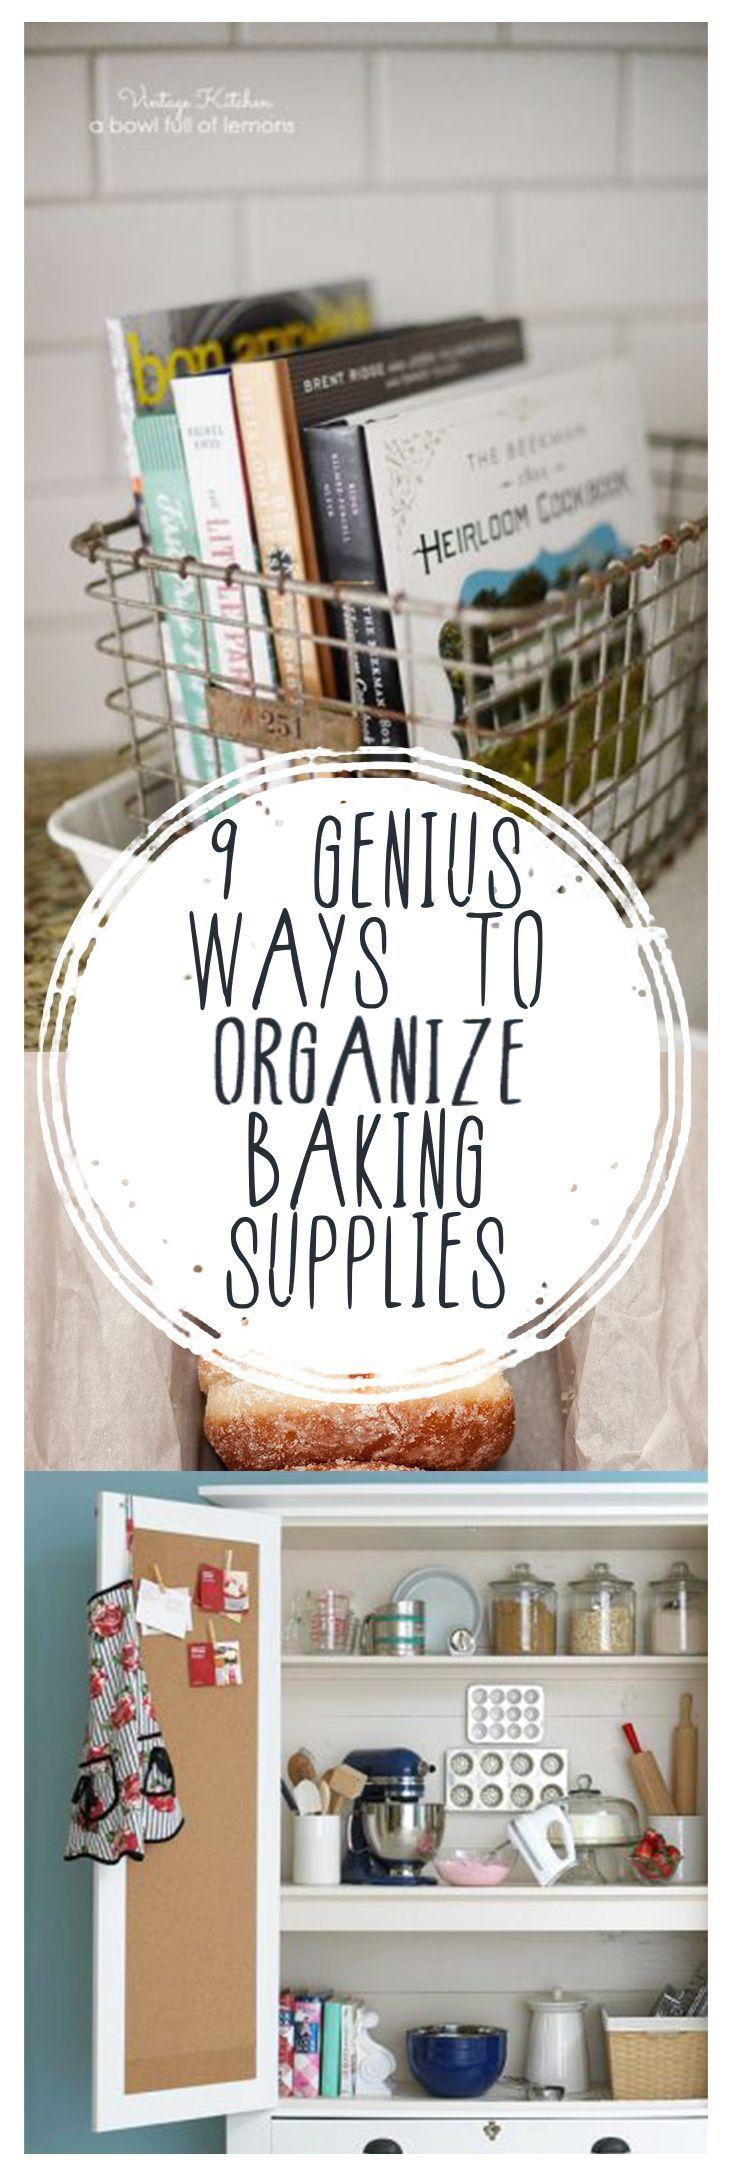 Kitchen, kitchen organization, organization 101, cleaning hacks, home decor, kitchen cleaning.